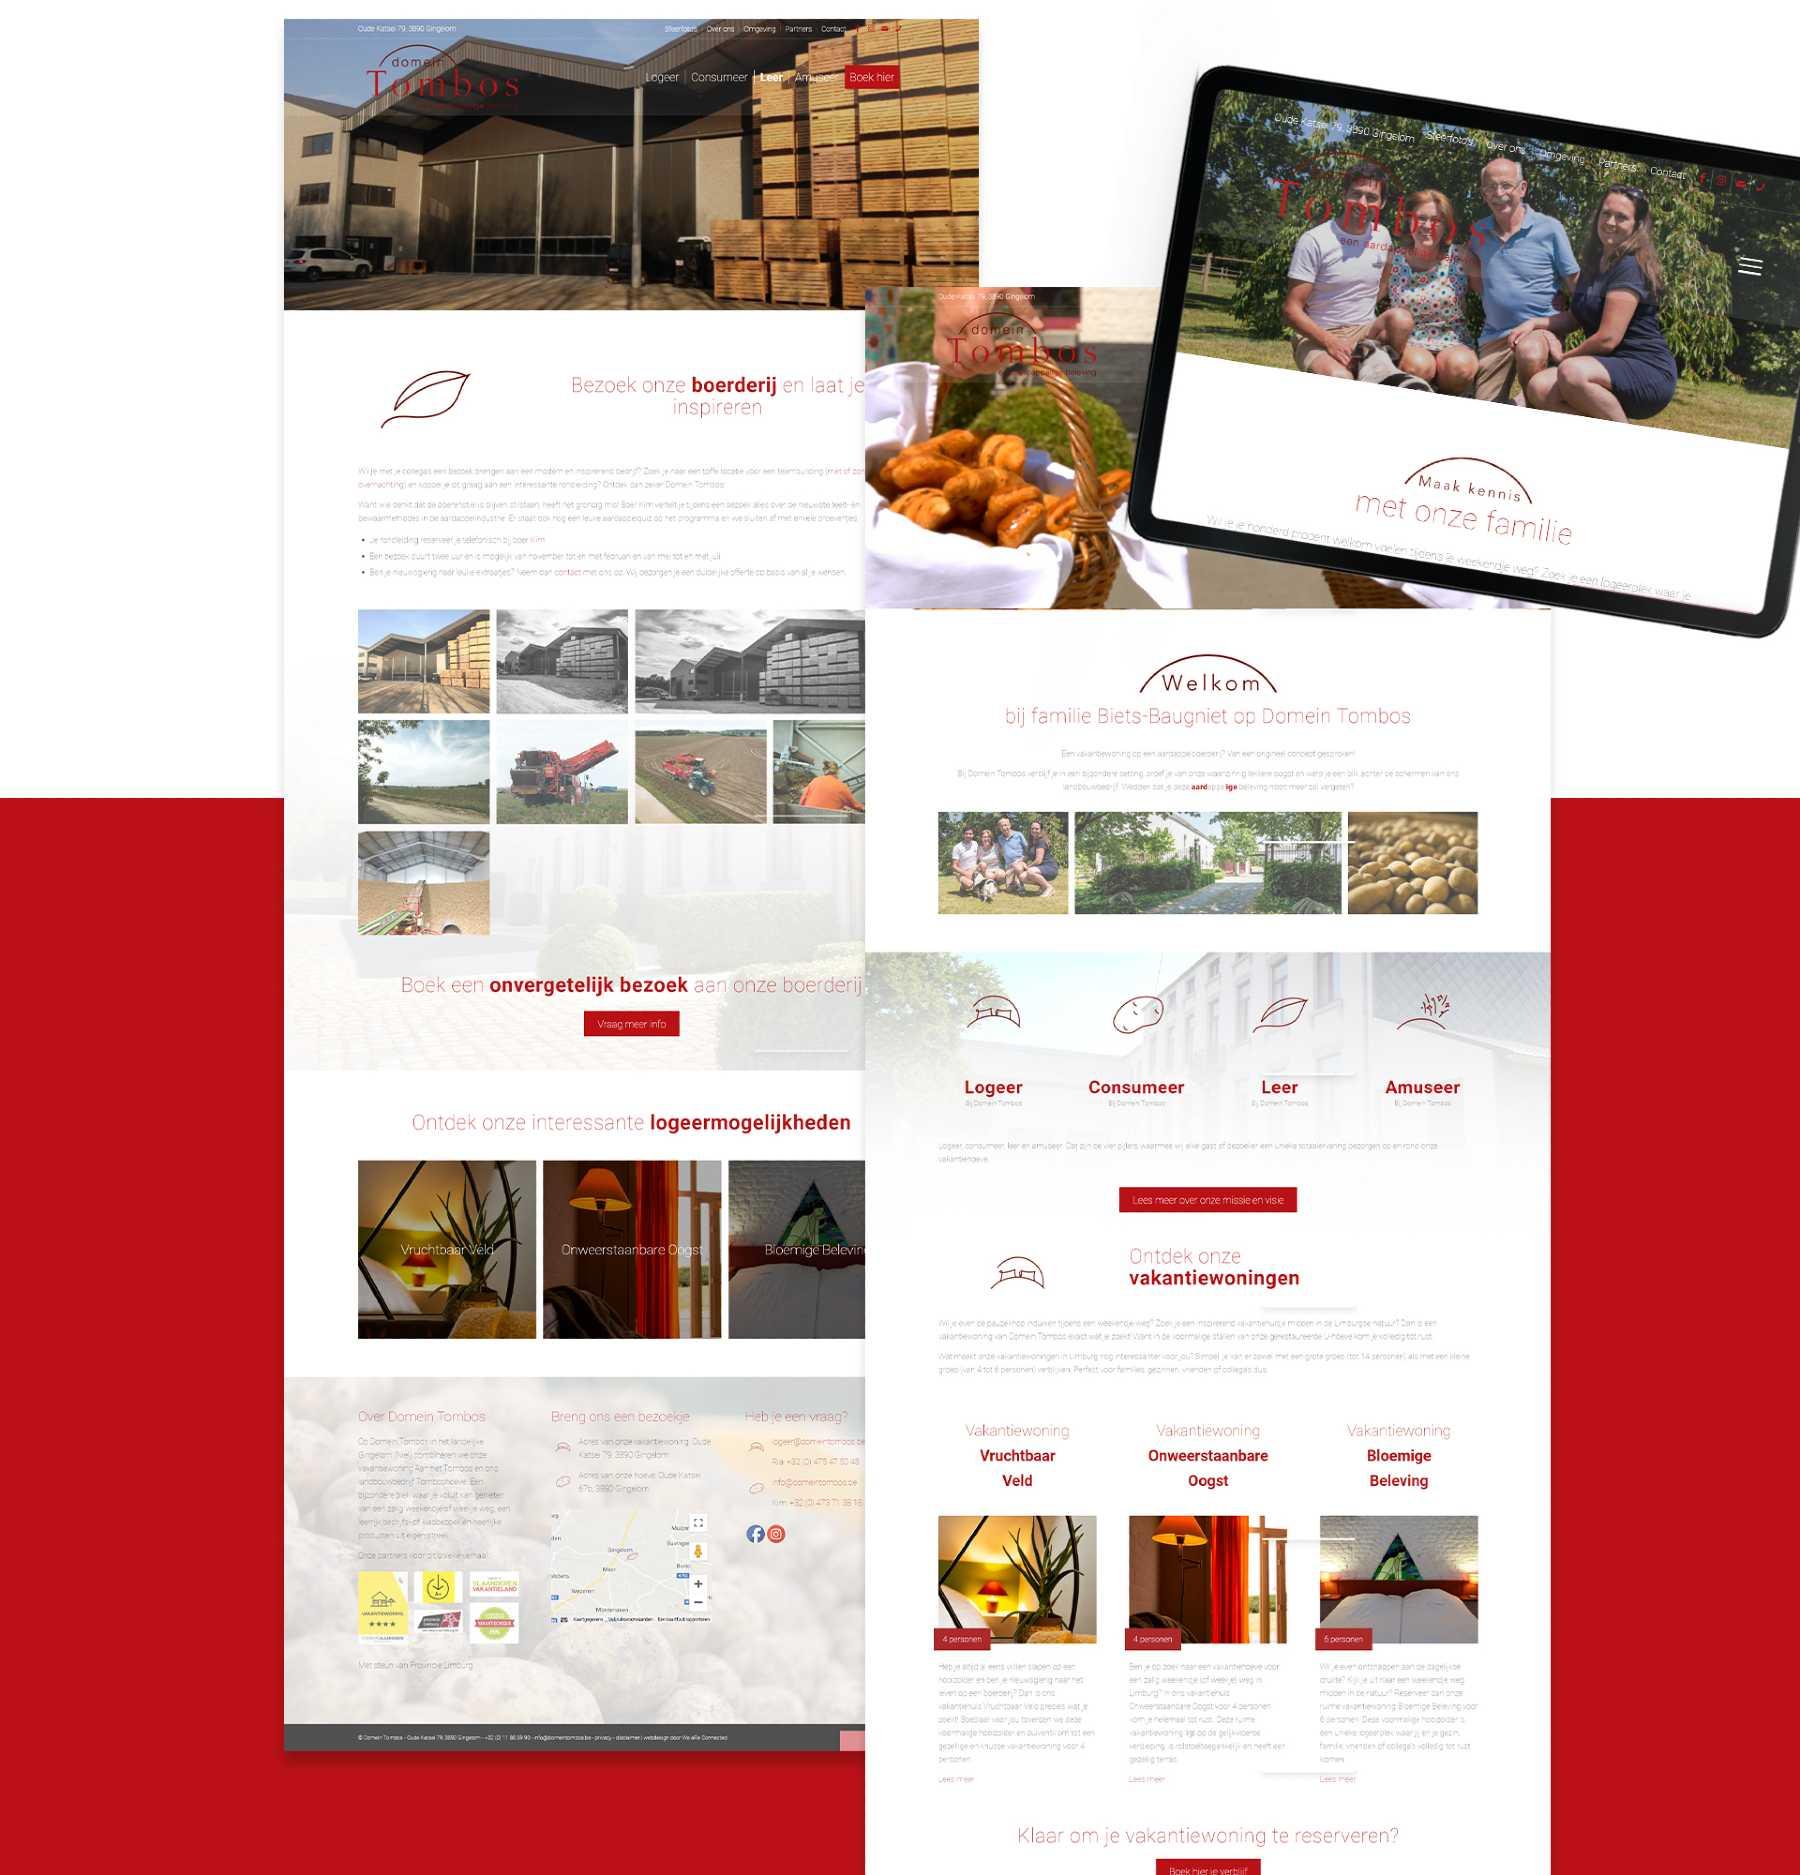 Website Domein Tombos